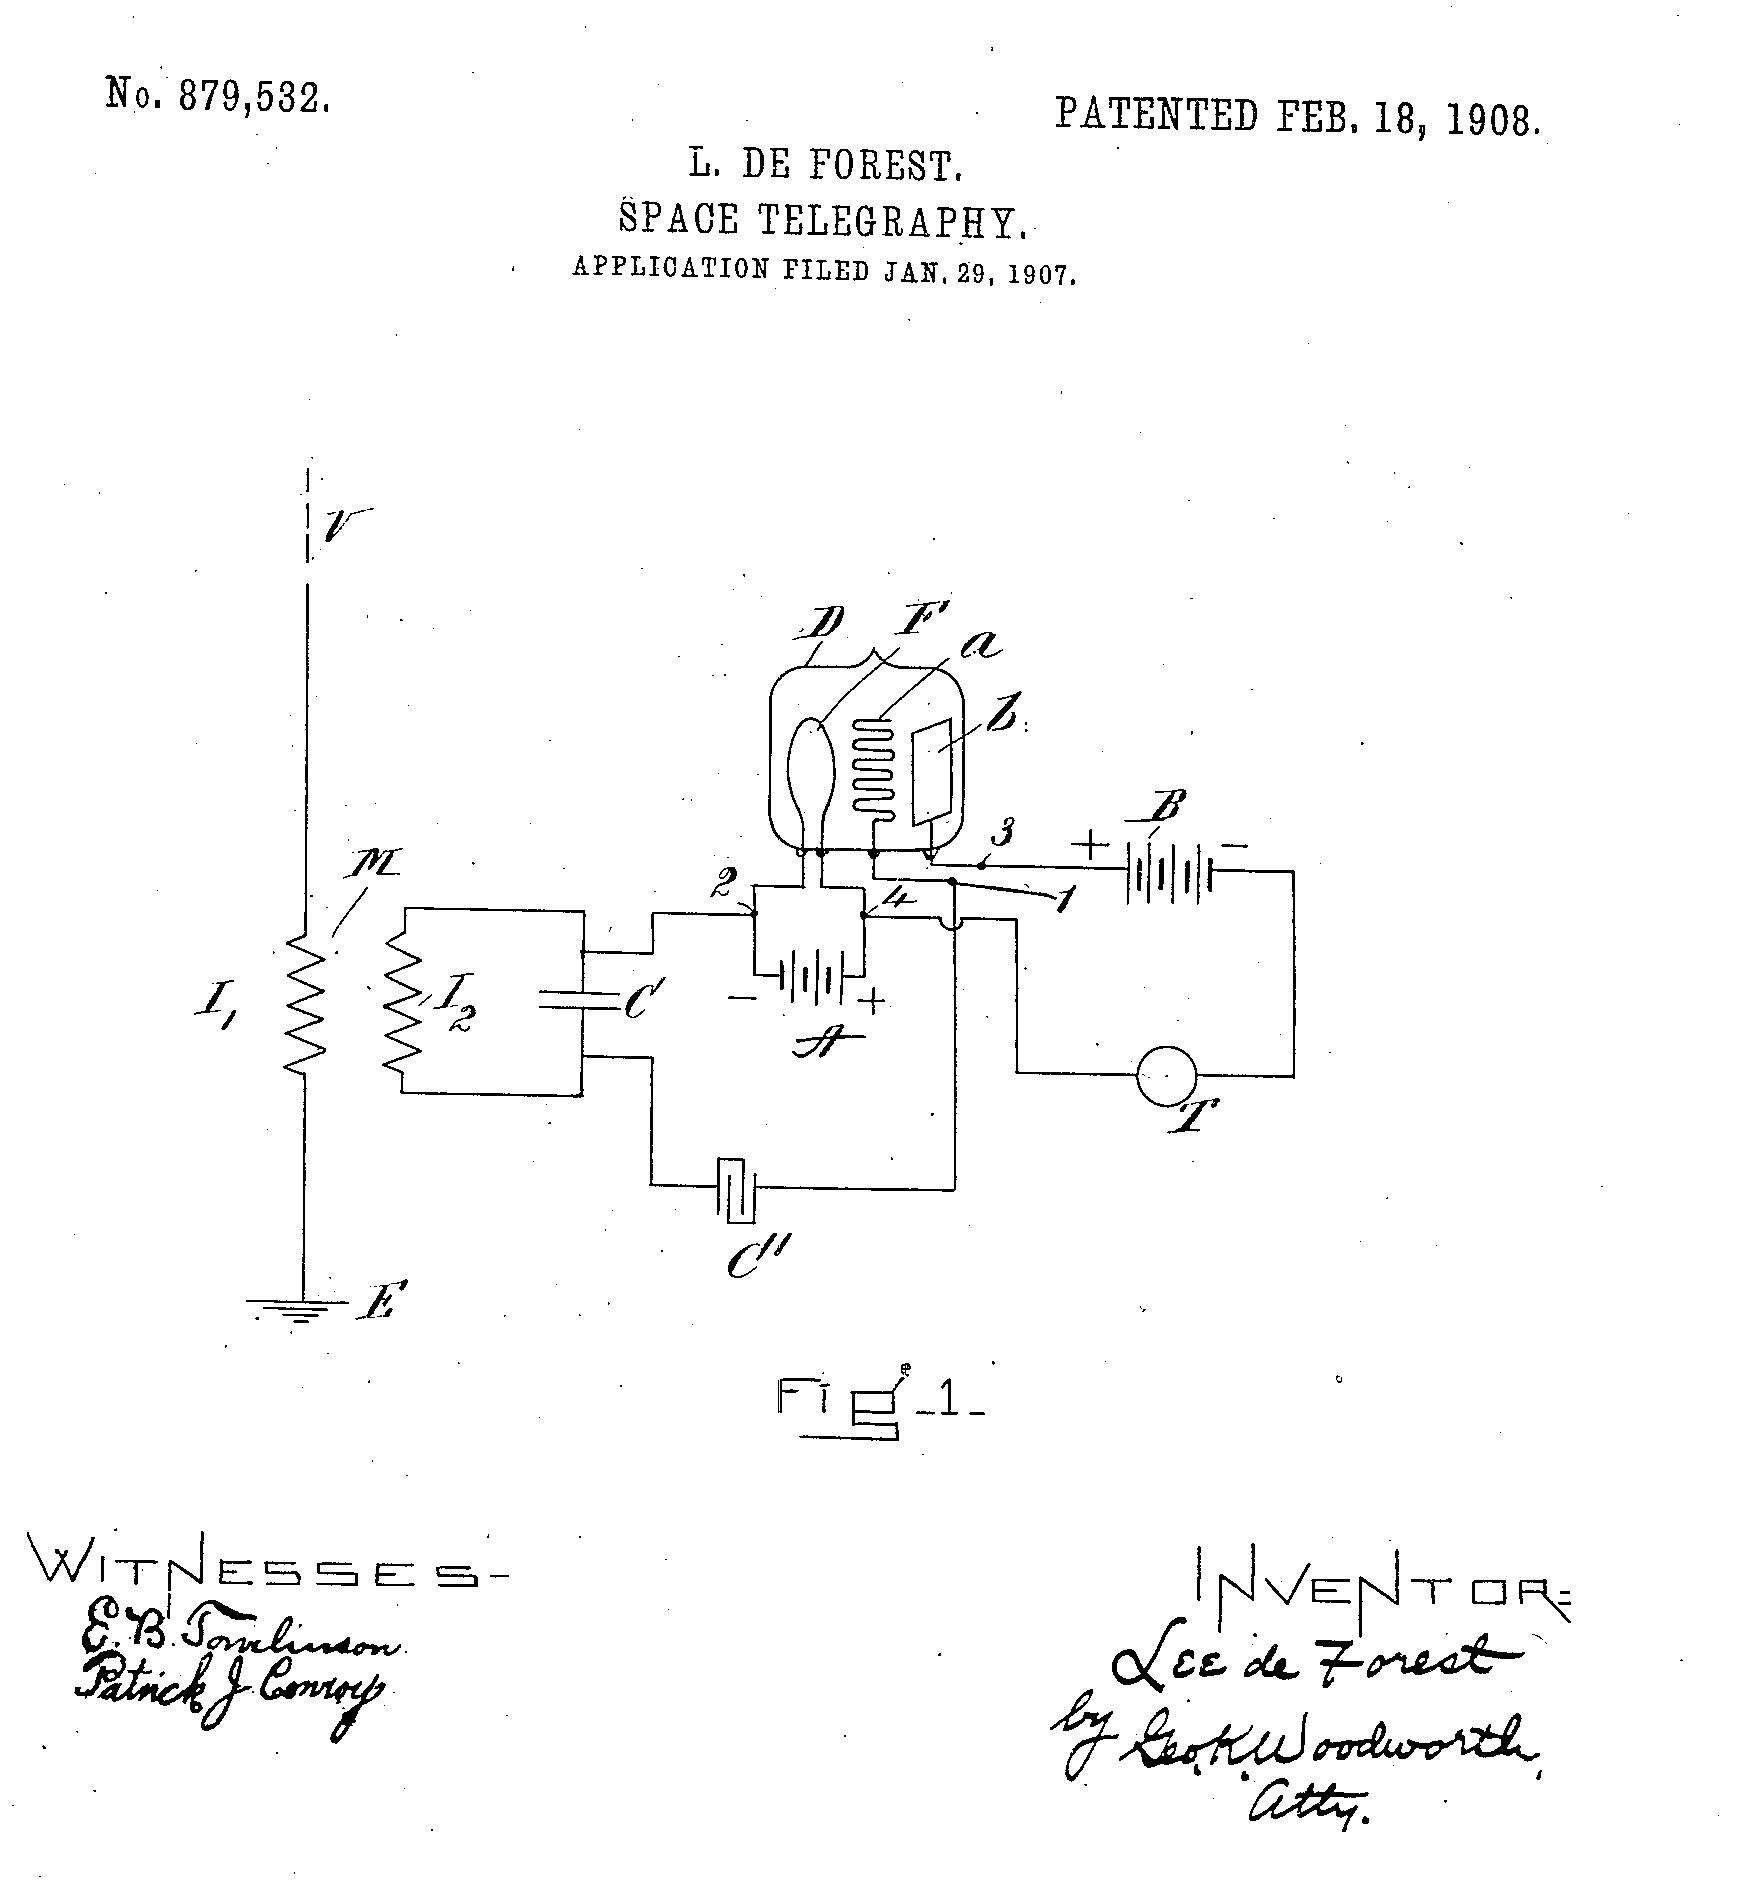 Deforest 1907 amp patent.